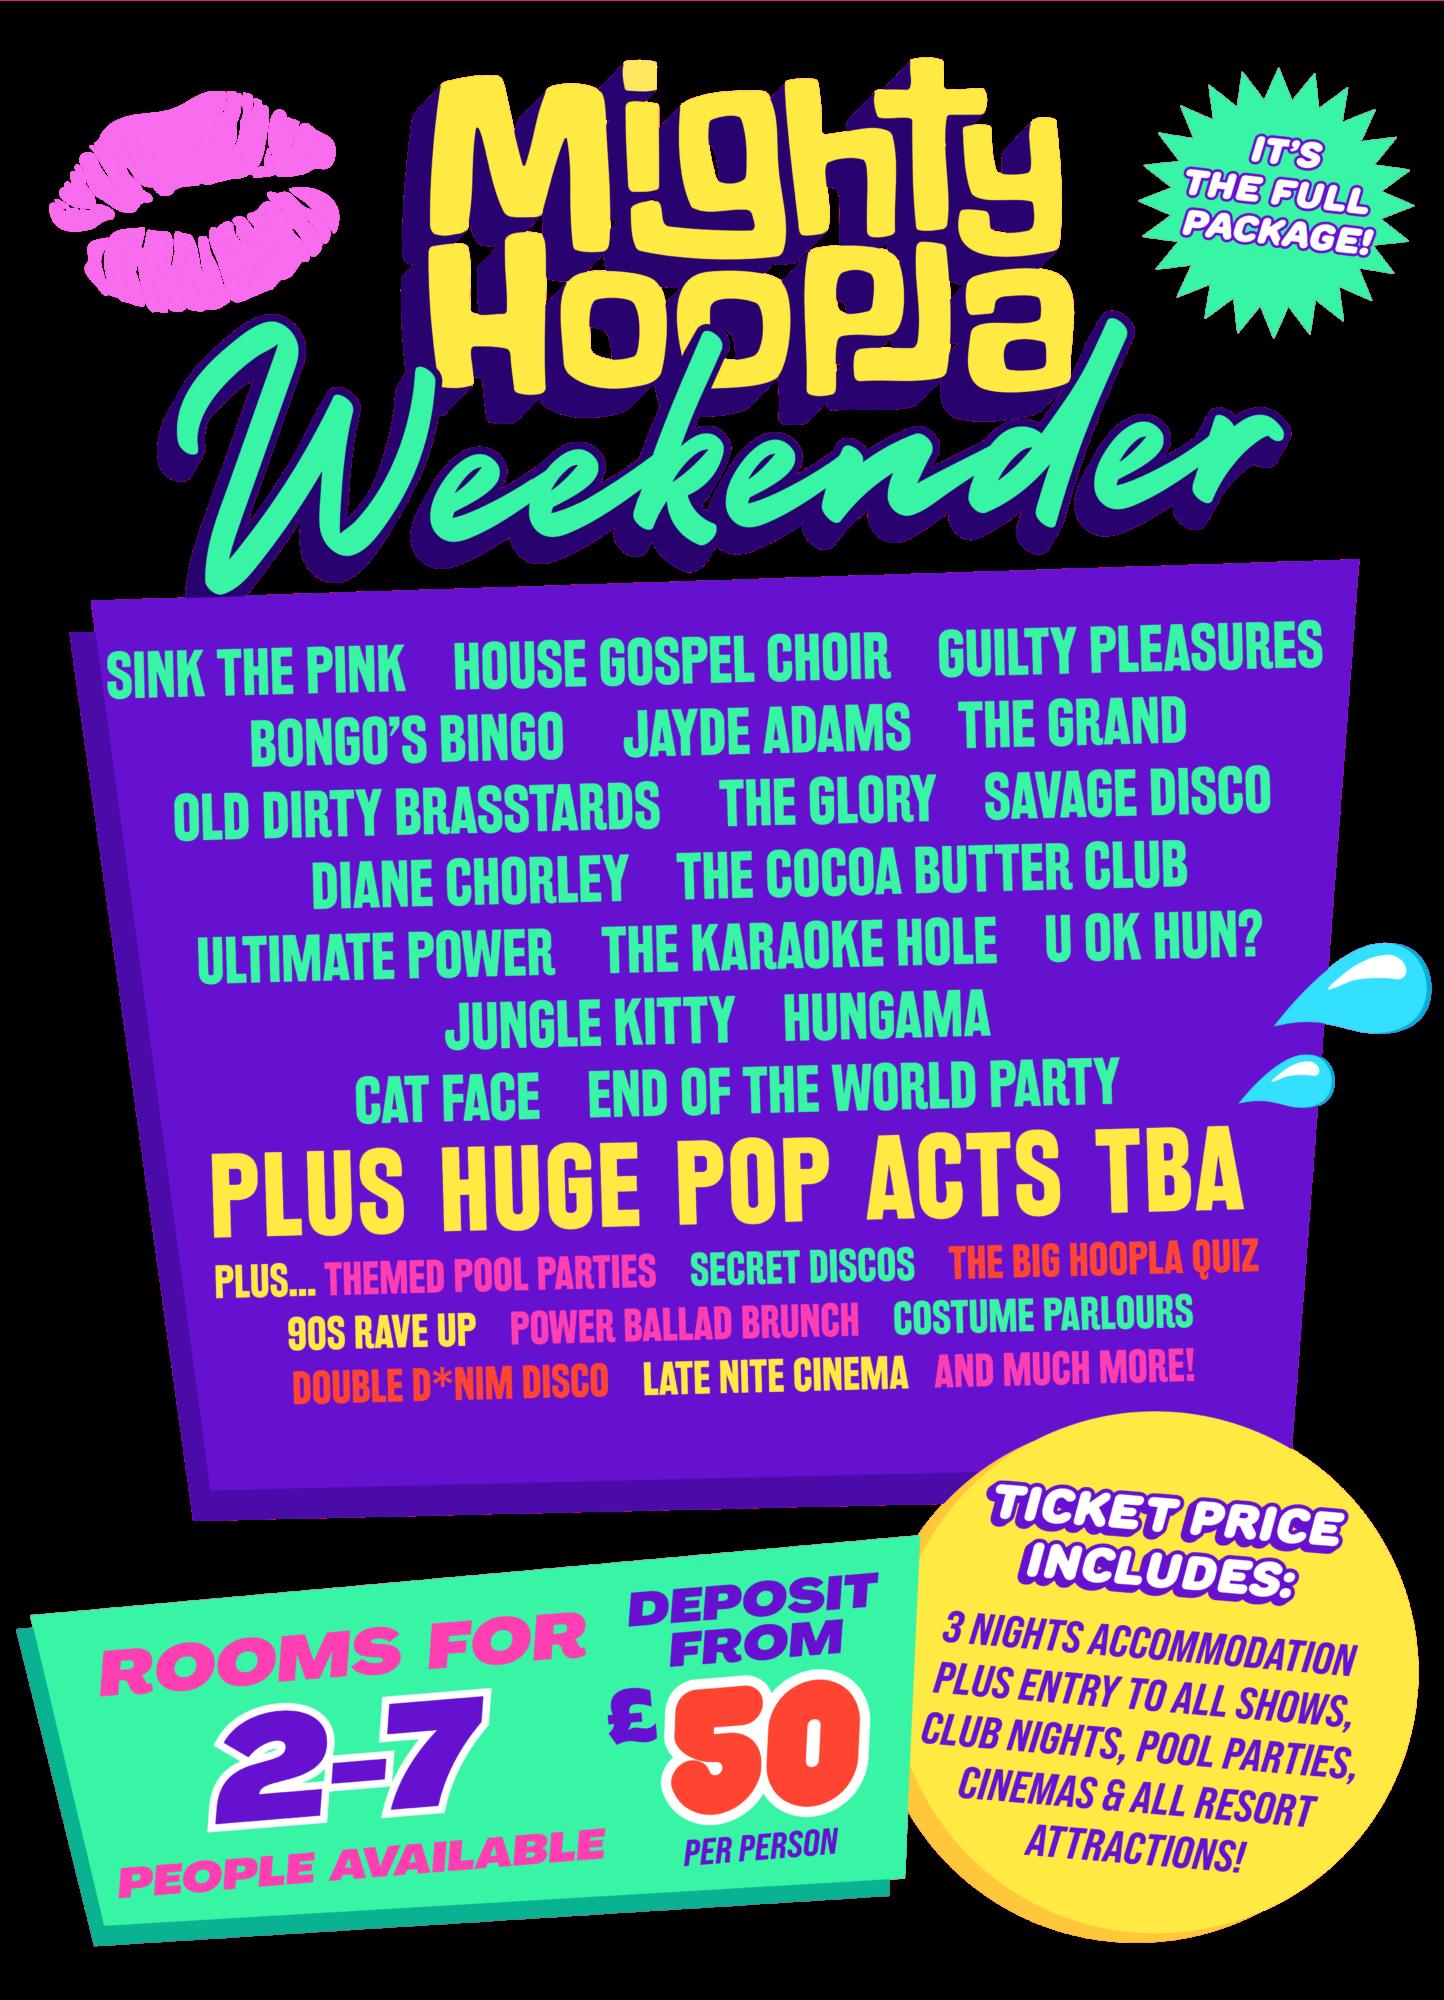 Mighty Hoopla Weekender Lineup